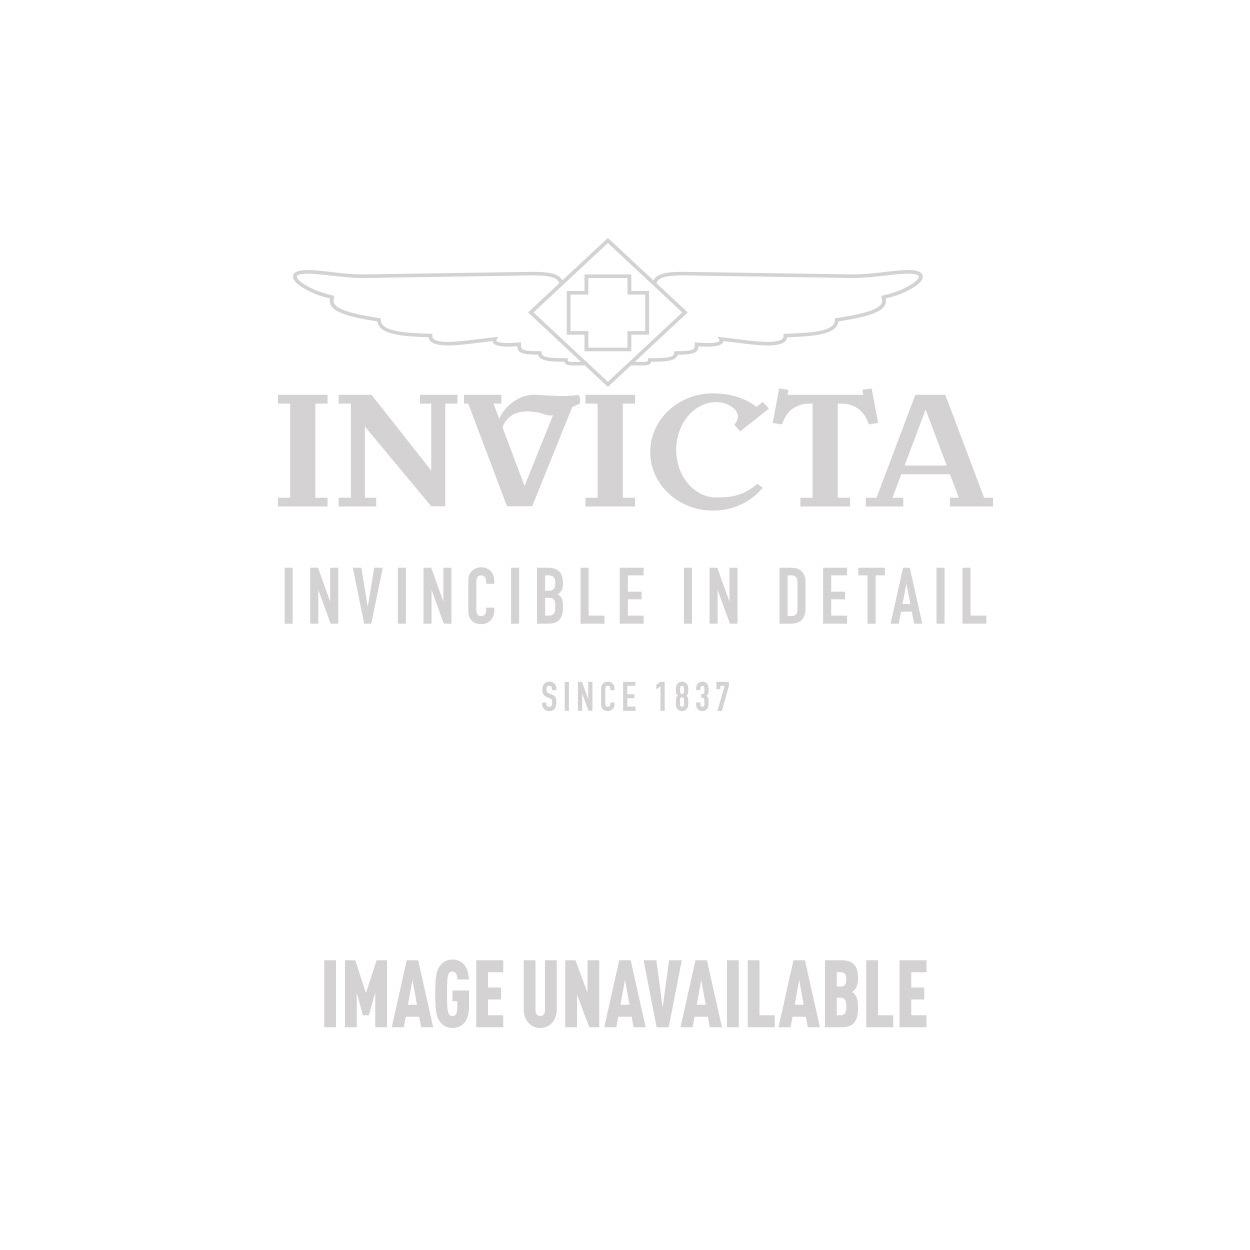 Invicta Model 28040